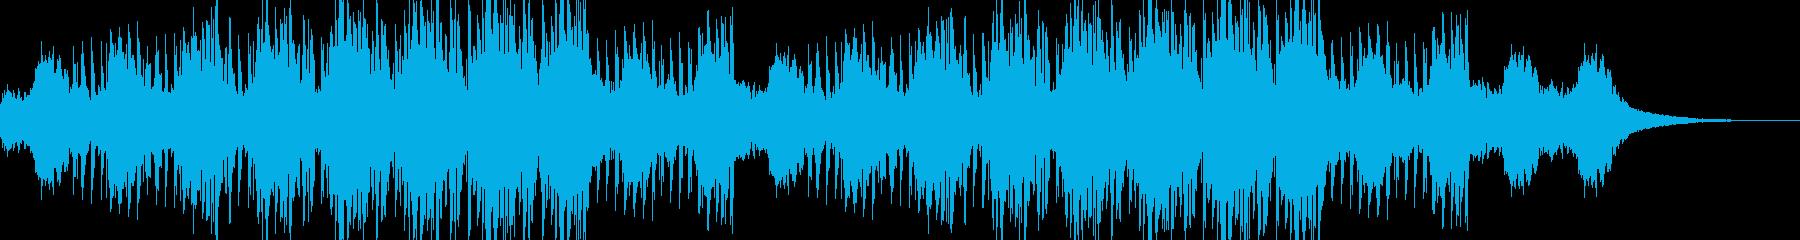 ニュースなどに使える未来的なジングルの再生済みの波形